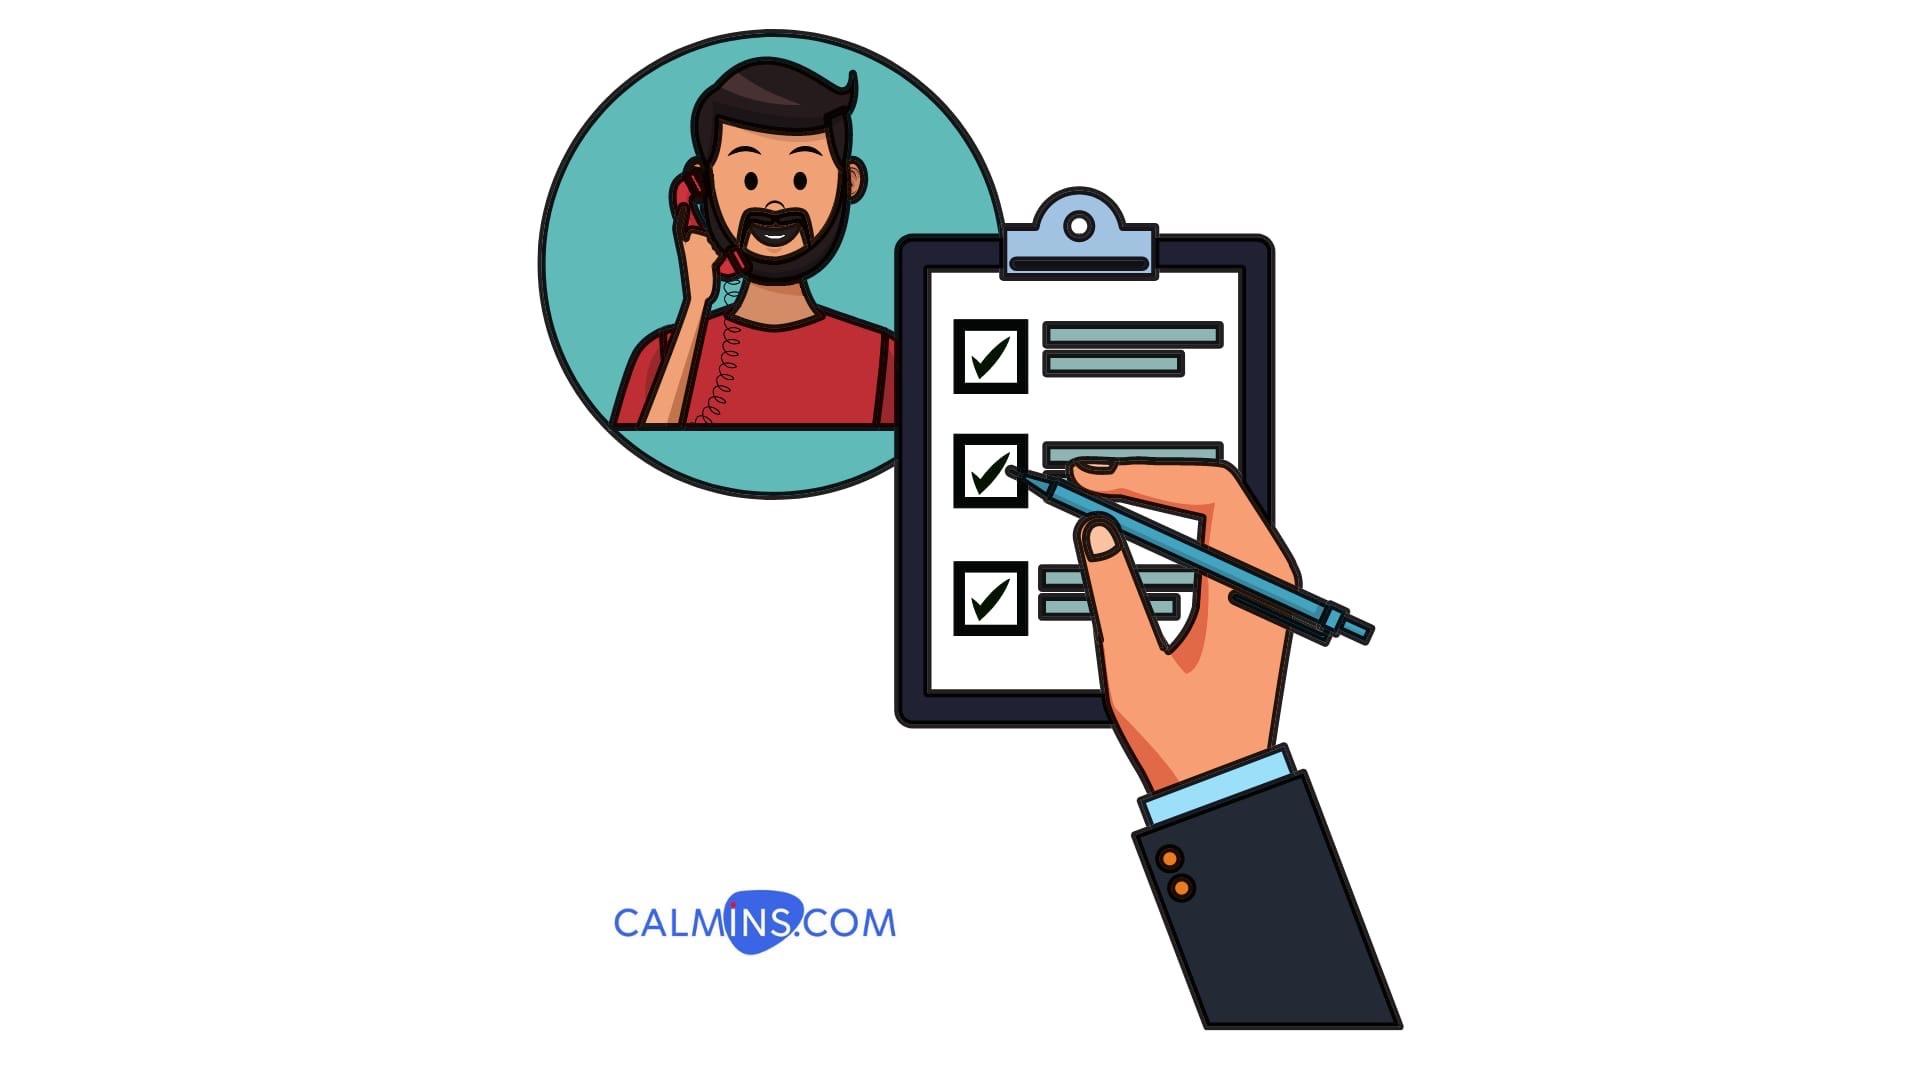 Экономим время страховщиков и клиентов - отмена идентификации клиента